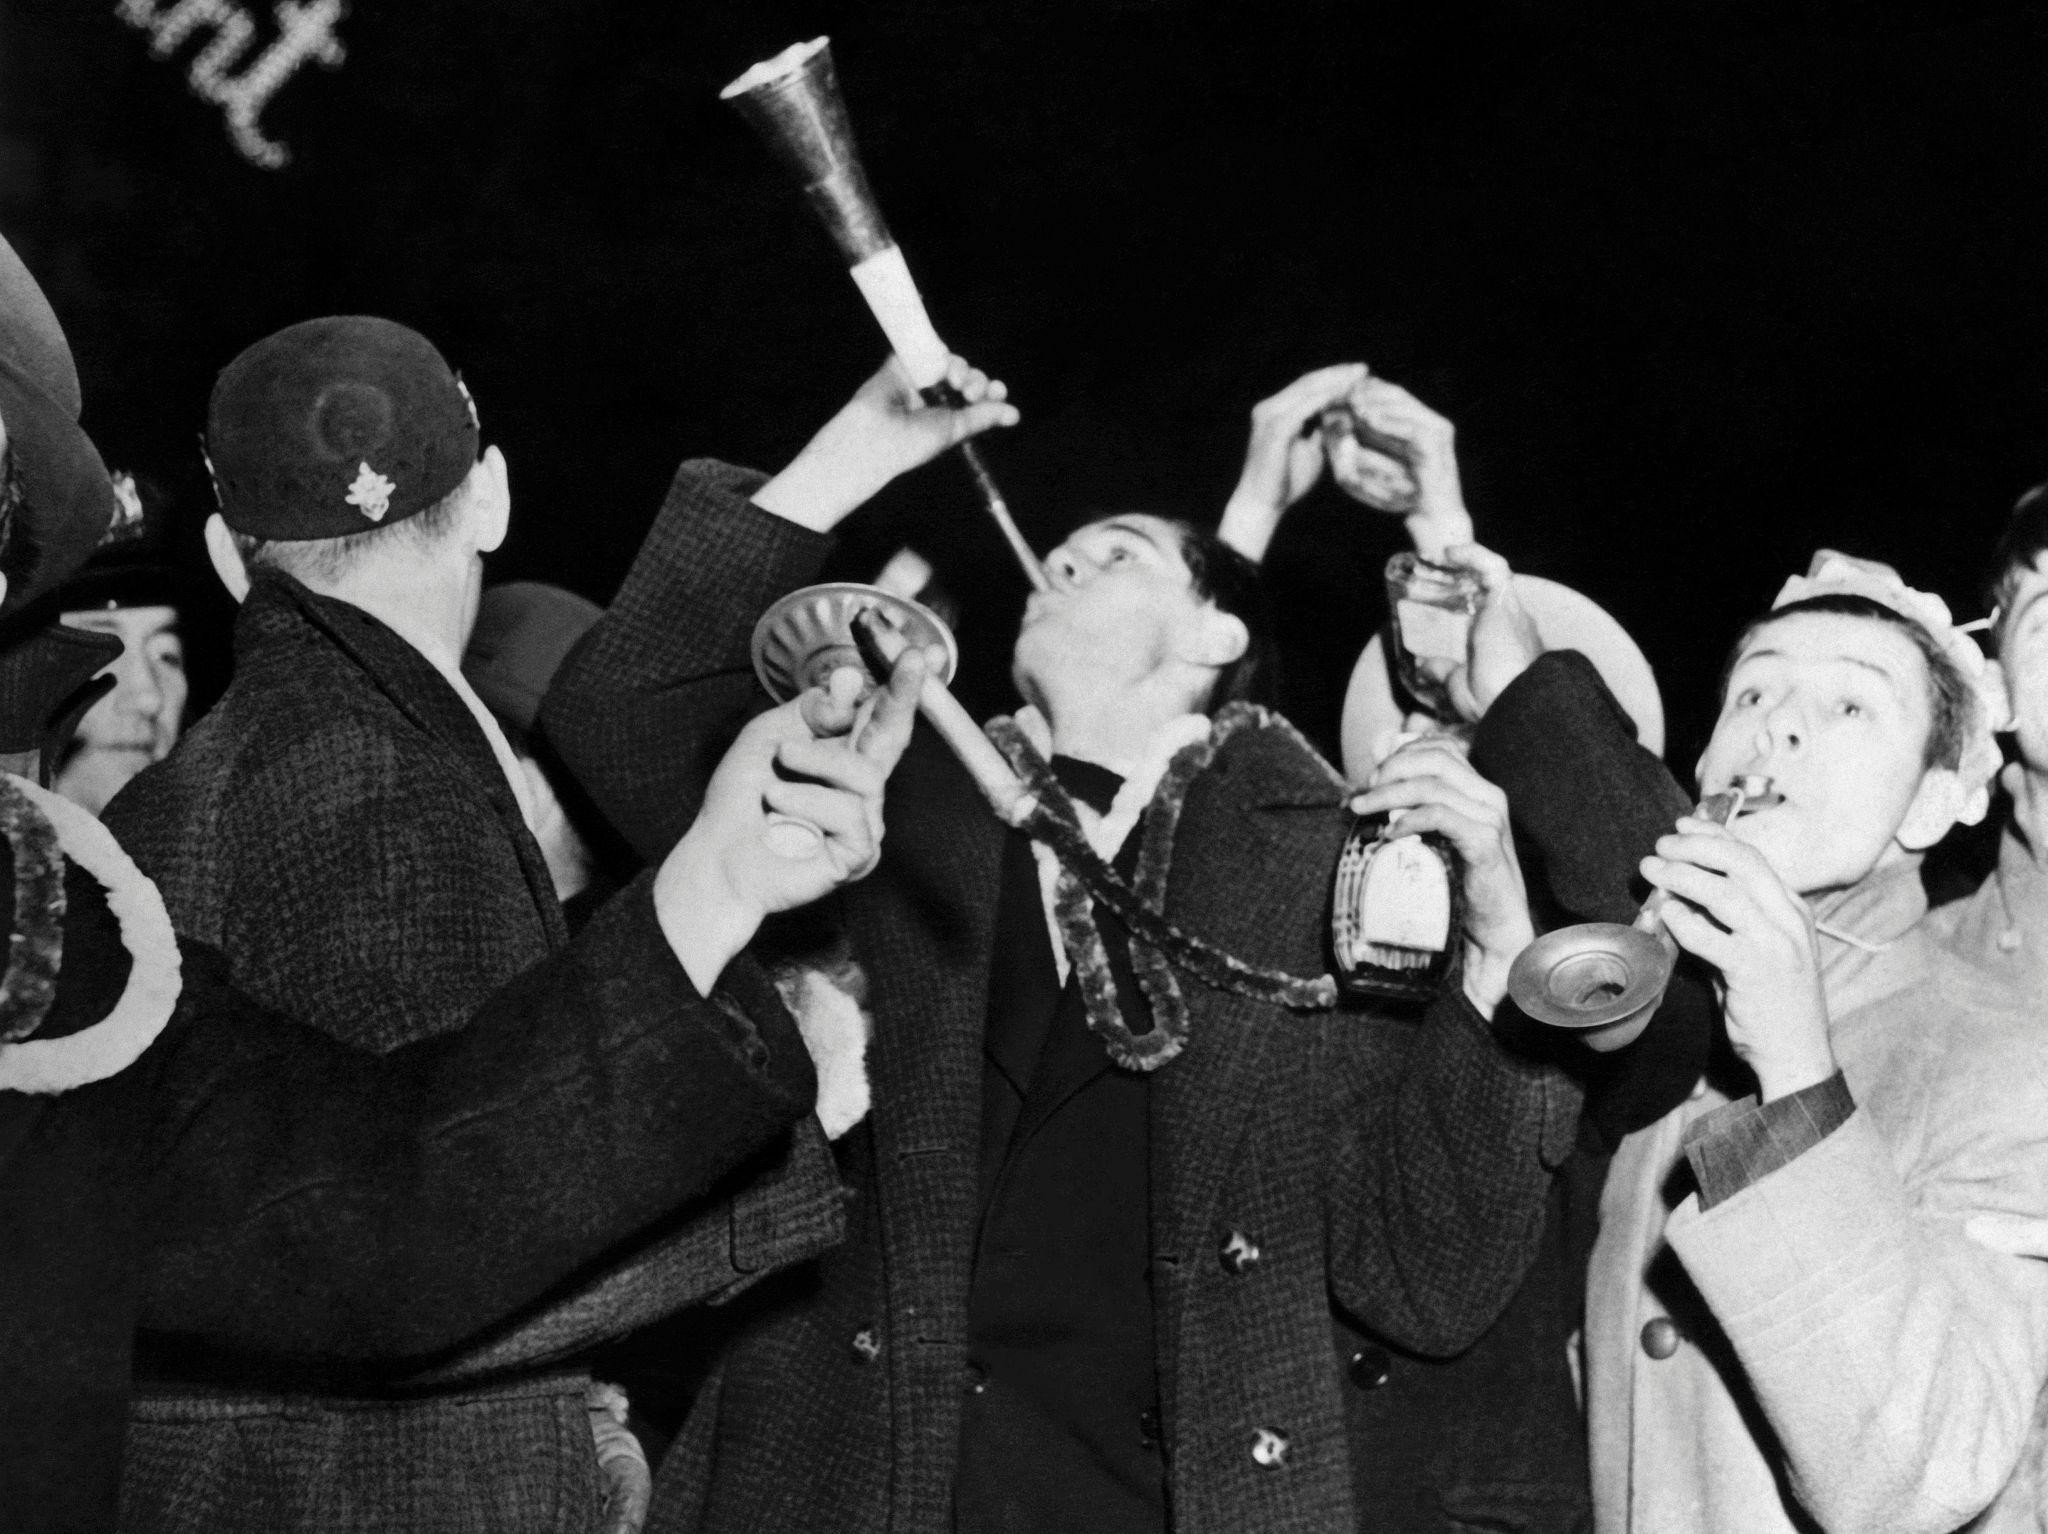 1939. Люди празднуют Новый год 31 декабря на Таймс-сквер в Нью-Йорке..jpg